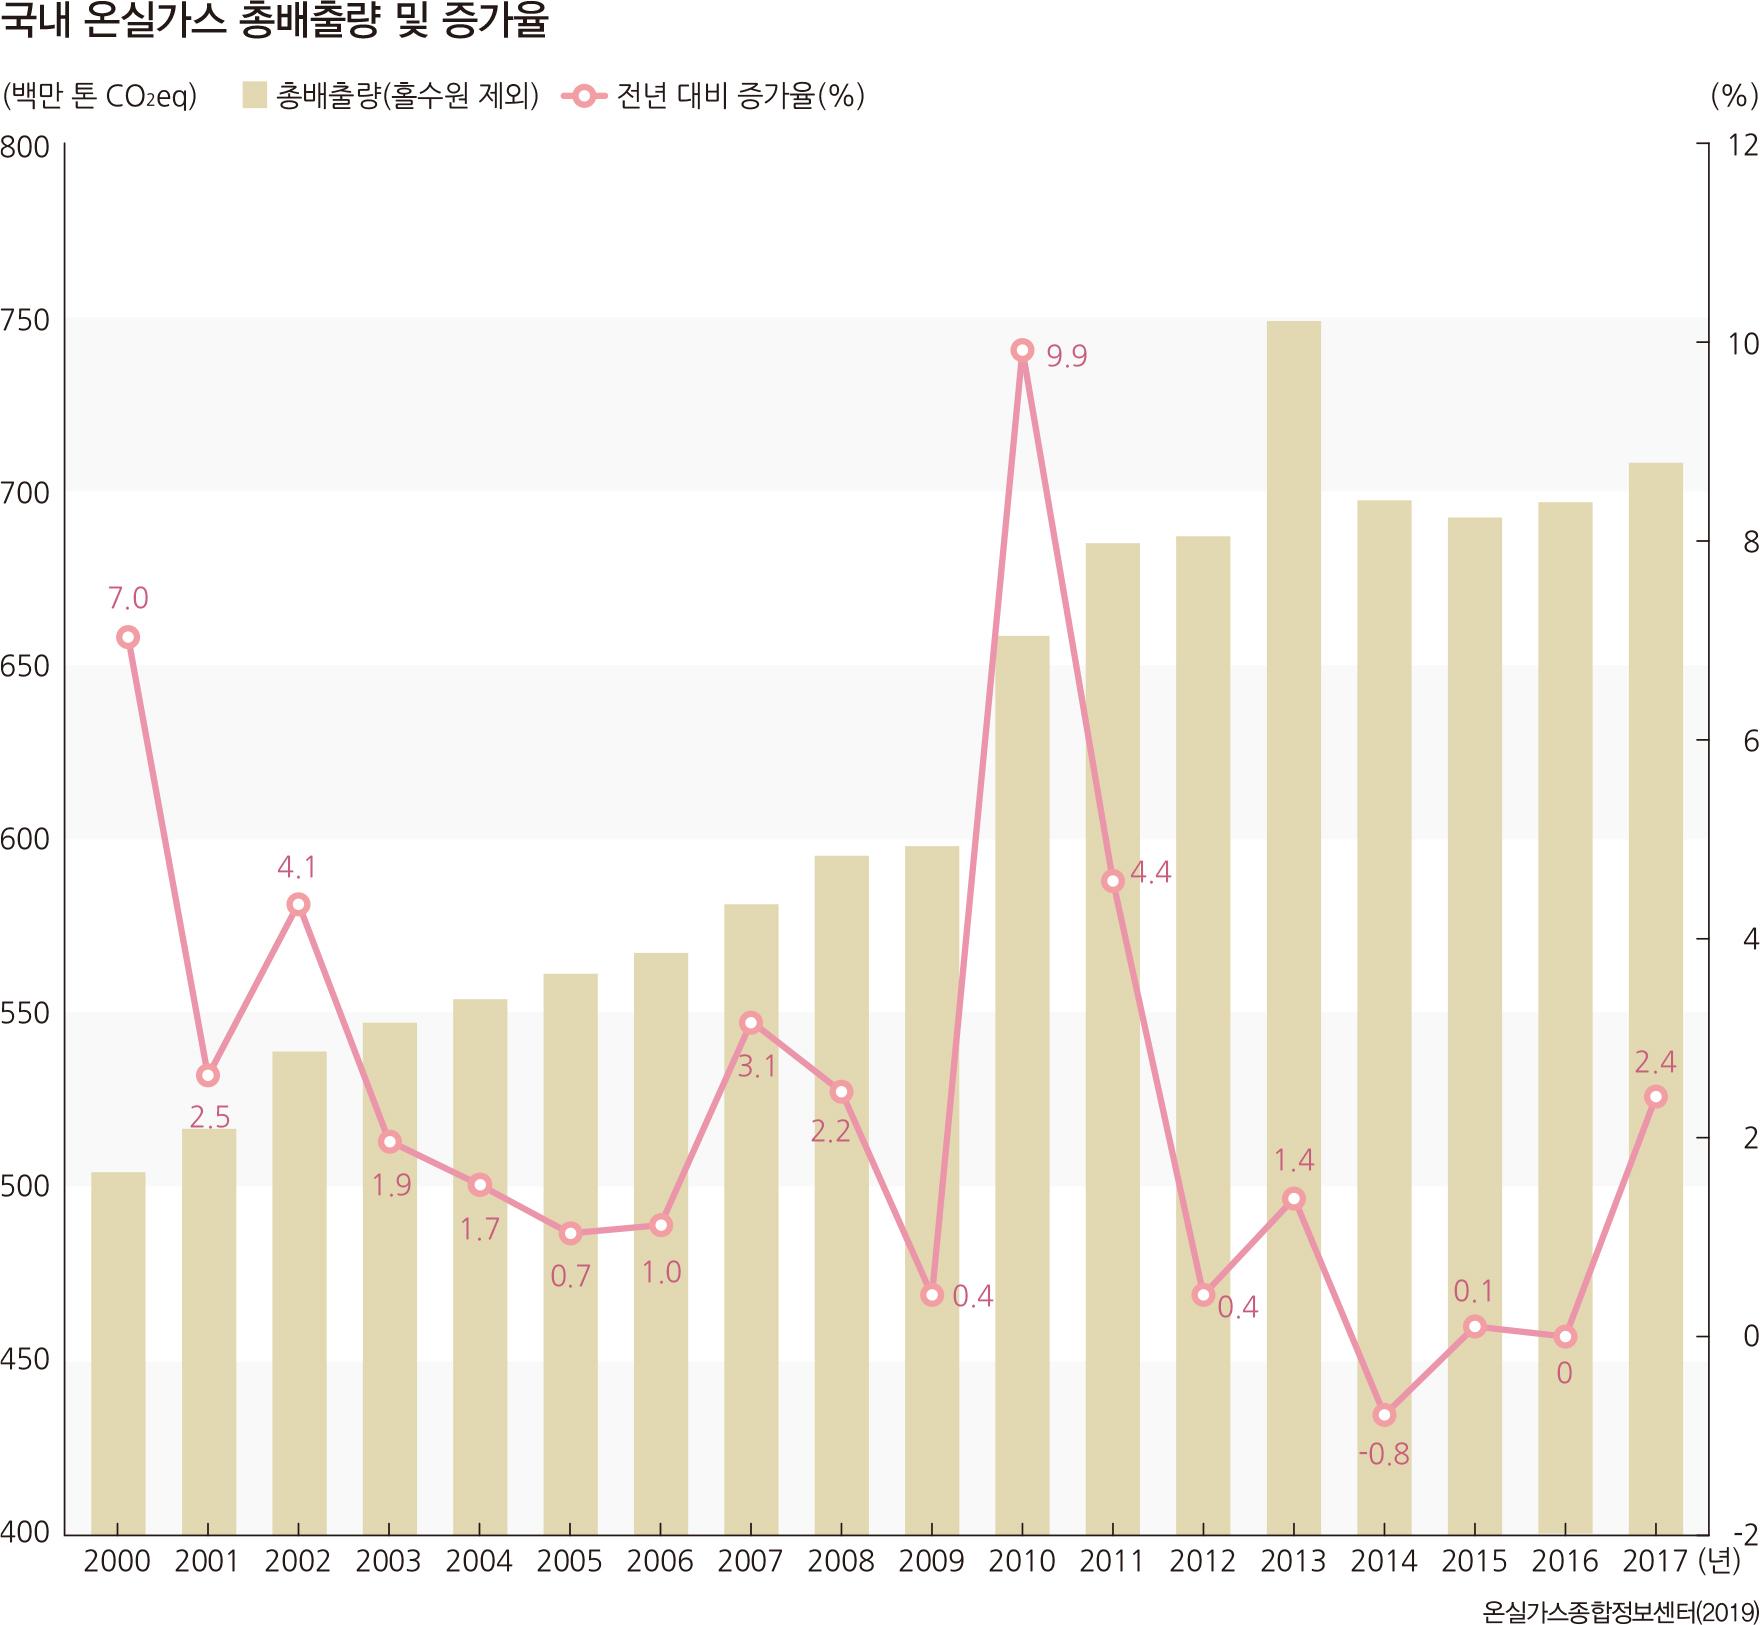 국내 온실가스 총배출량 및 증가율